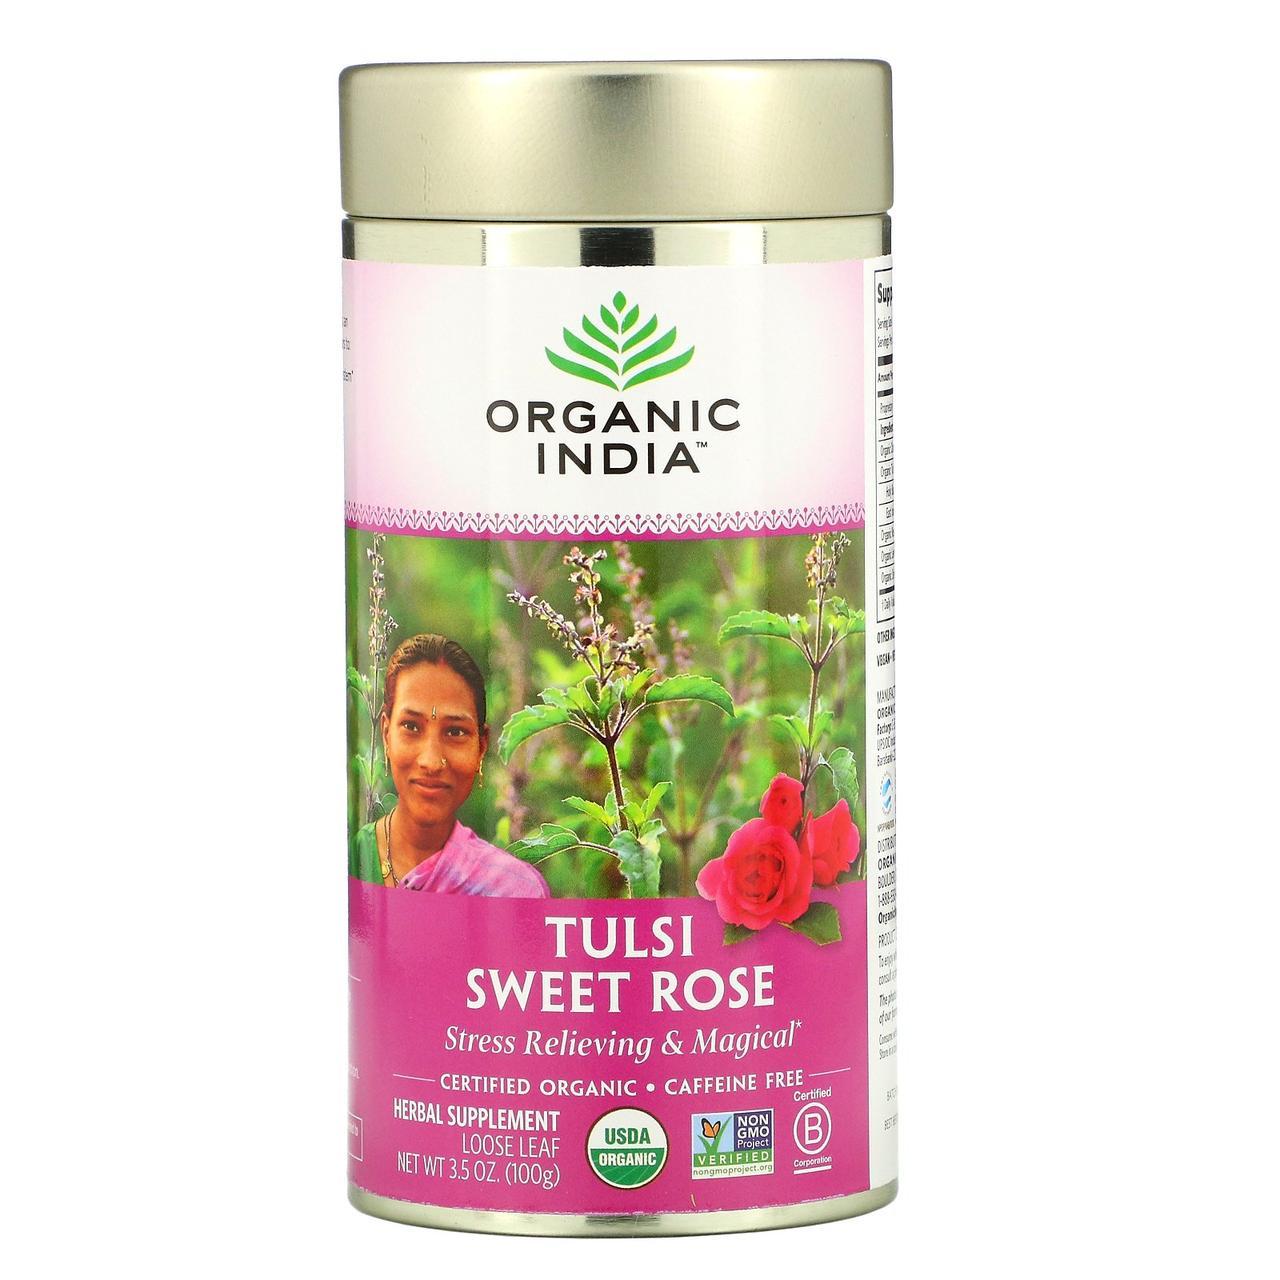 Organic India, Листовий чай туласі, солодка троянда, без кофеїну, 3,5 унції (100 г)